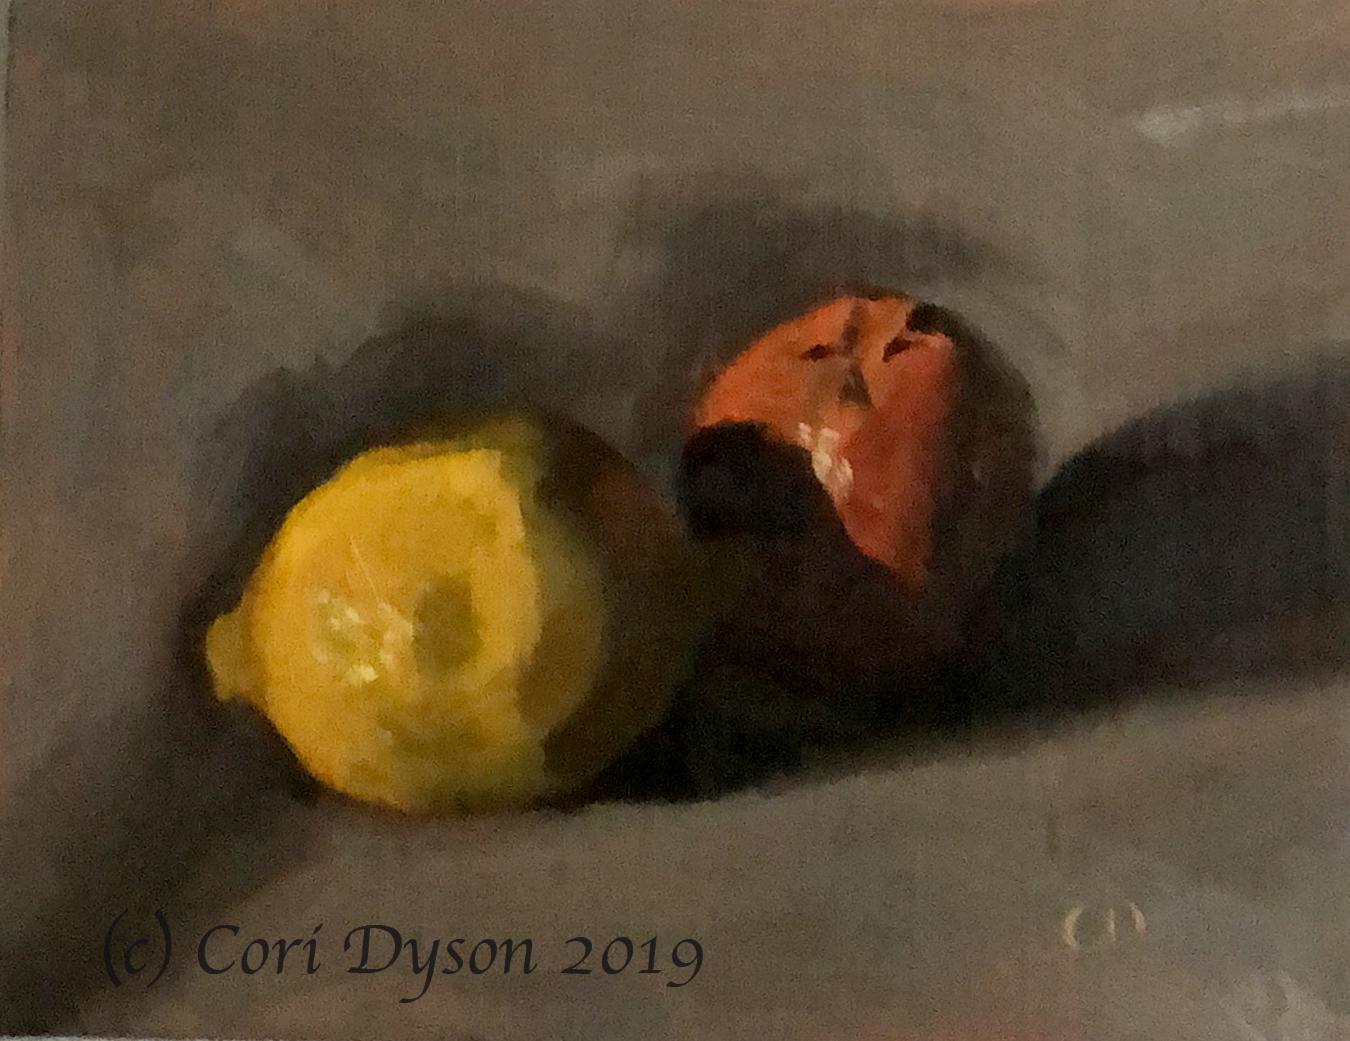 Cori Dyson